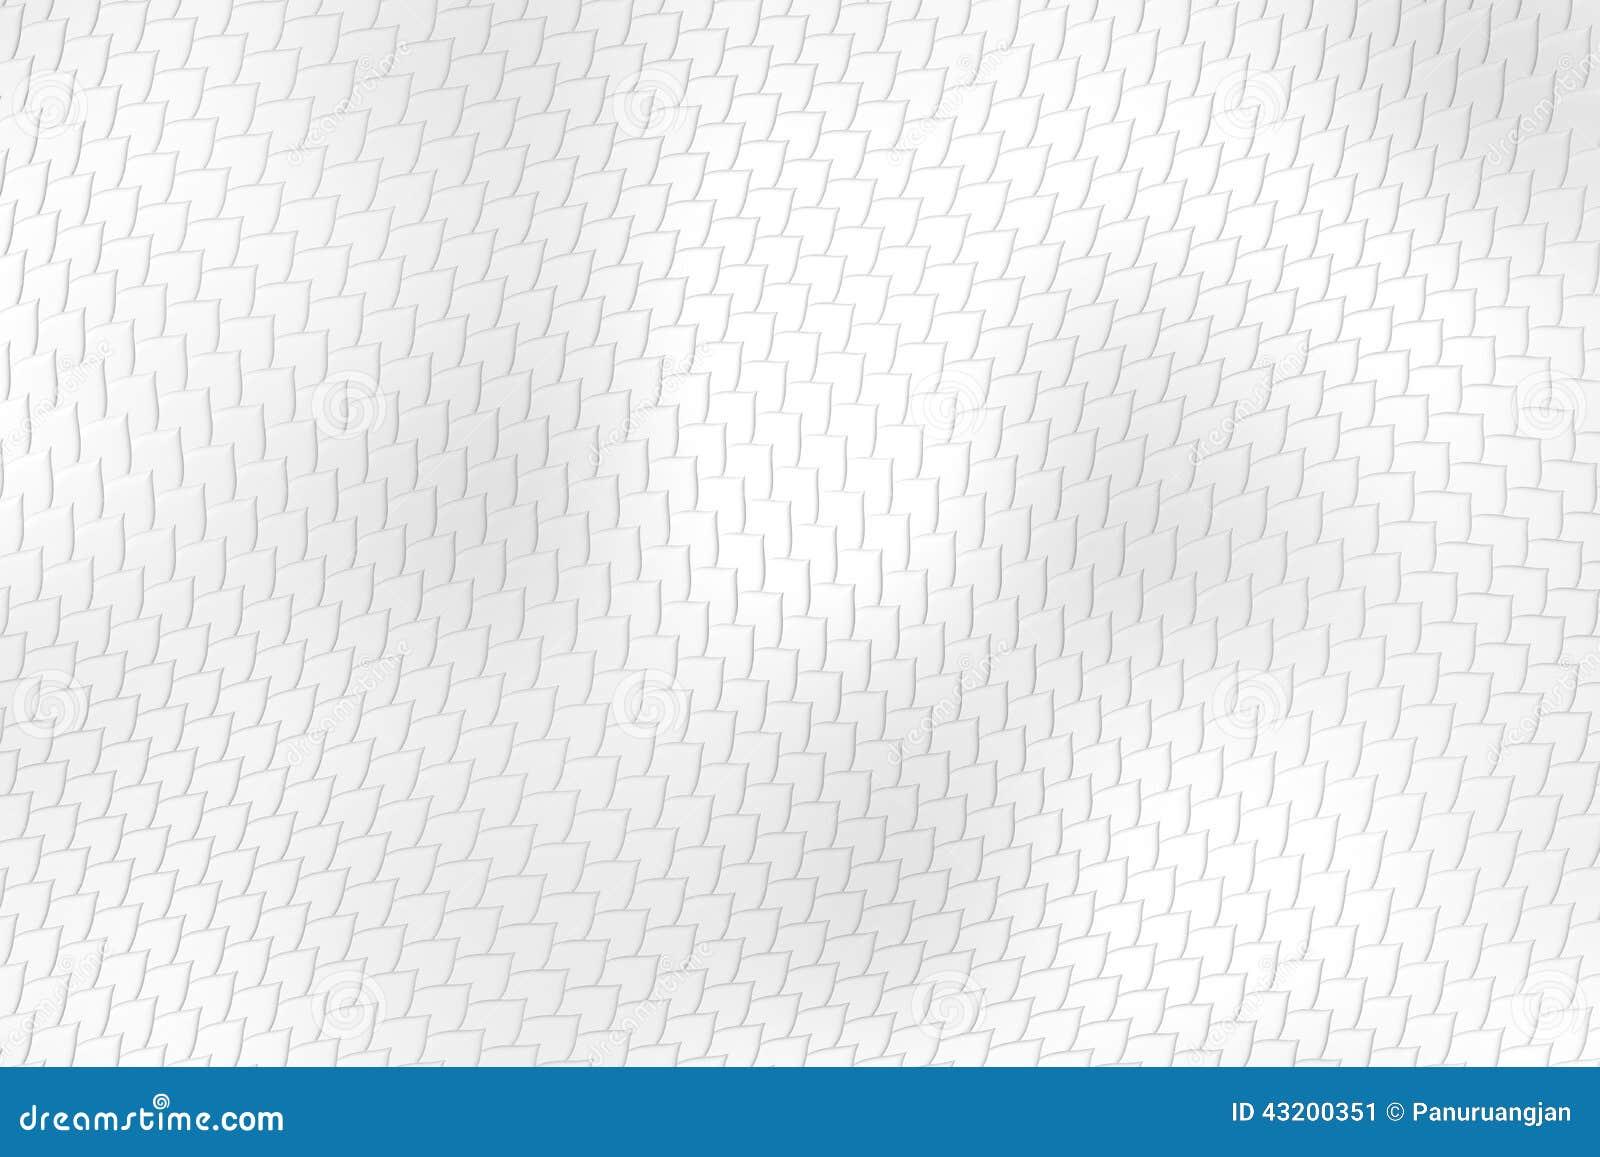 Download Beige Texturerad Reptilhud För Bakgrund Stock Illustrationer - Illustration av material, pytonorm: 43200351